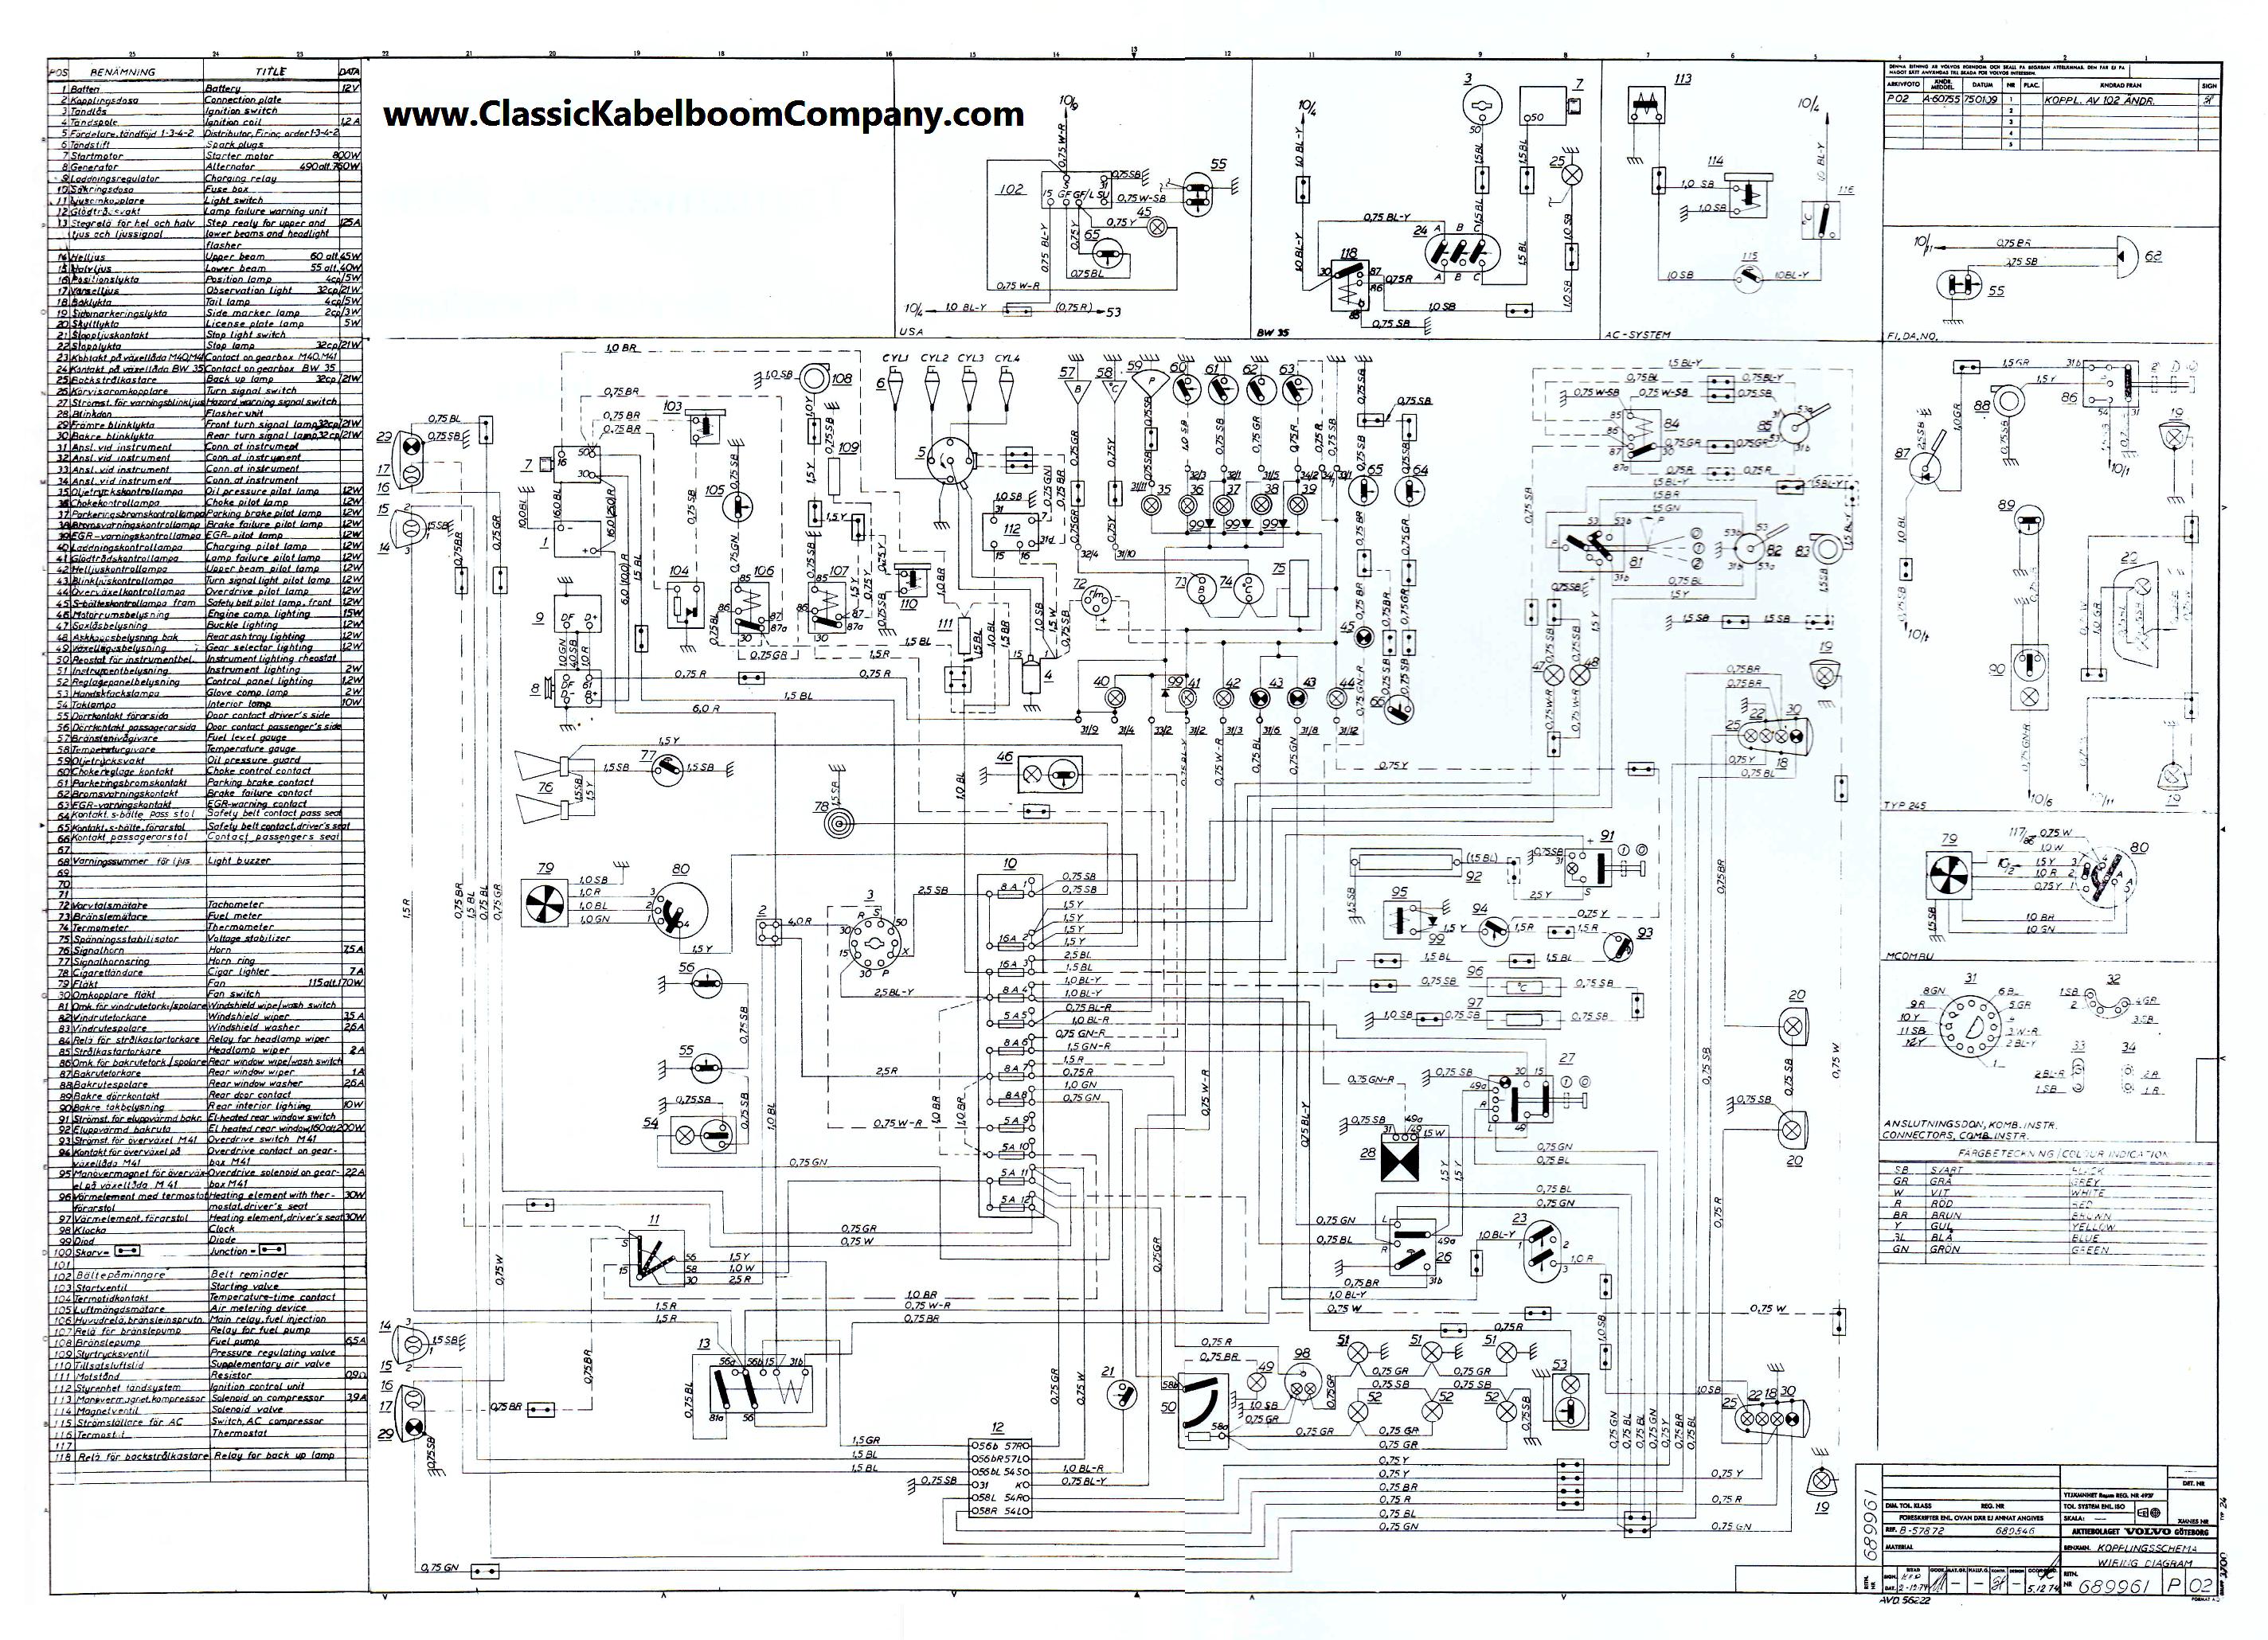 Excellent Volvo 240 Wiring Diagram 1992 Photos Best Image Wire